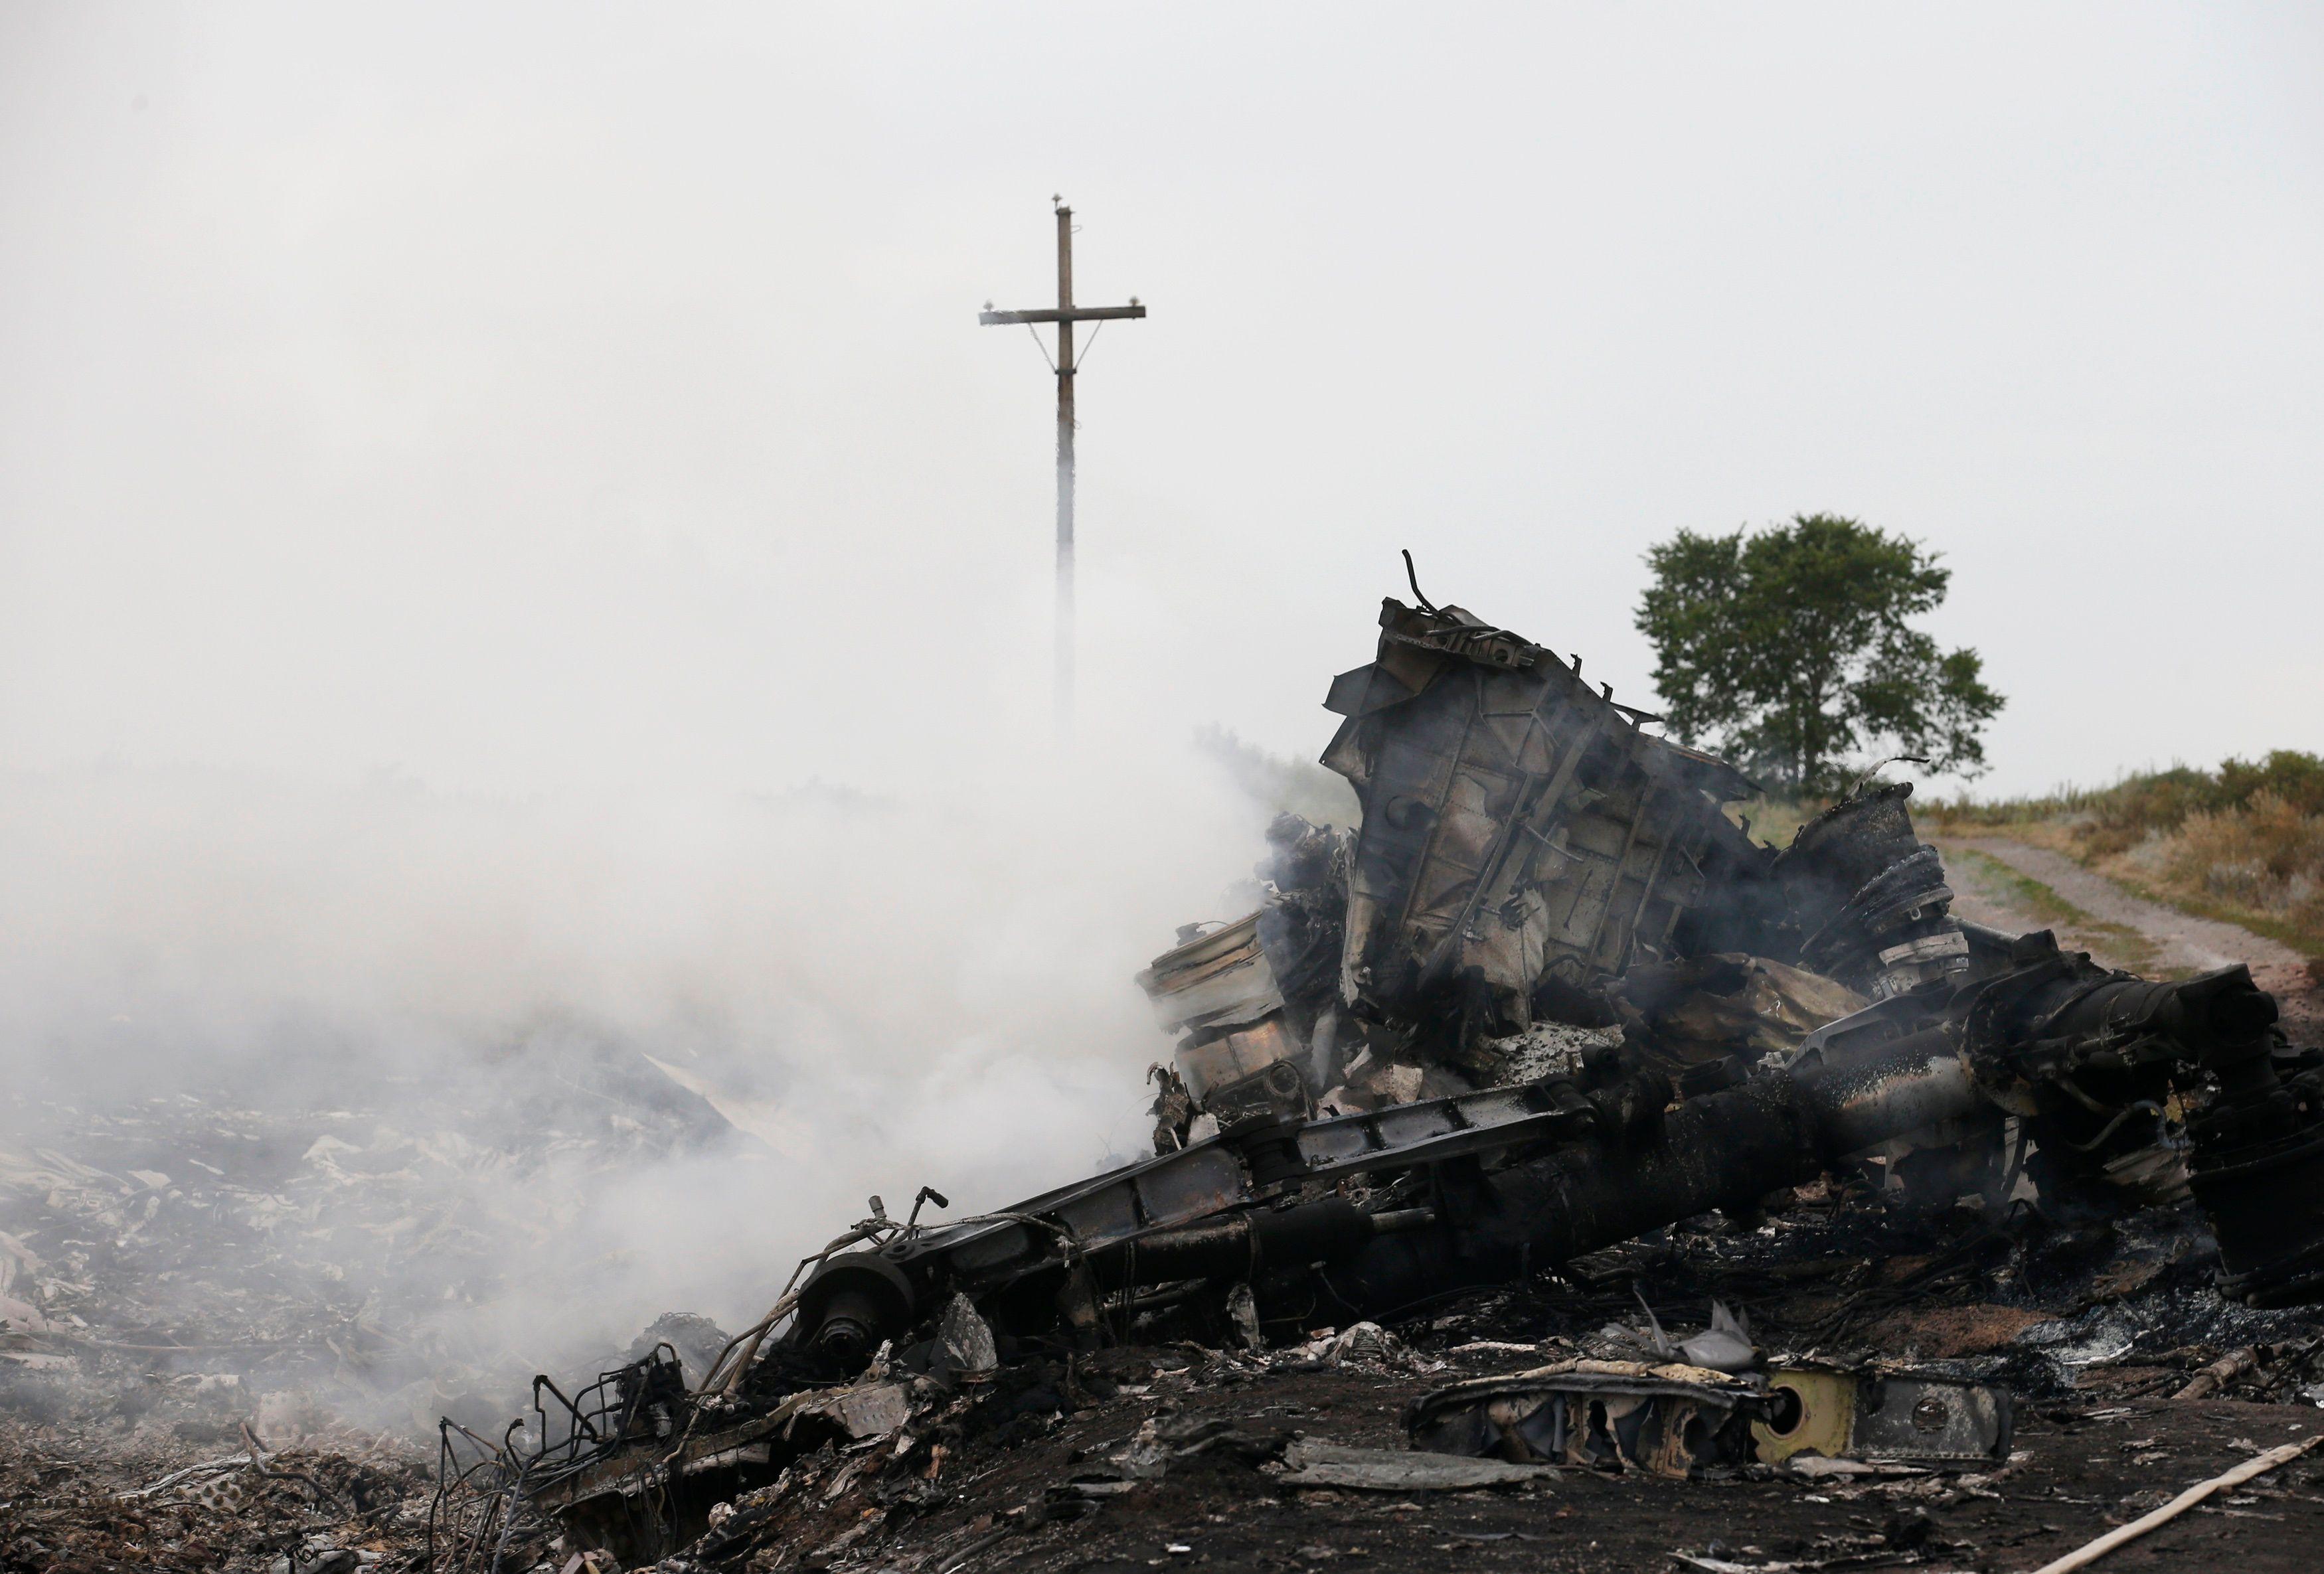 Il n'y a pas de survivant au crash du vol MH17.